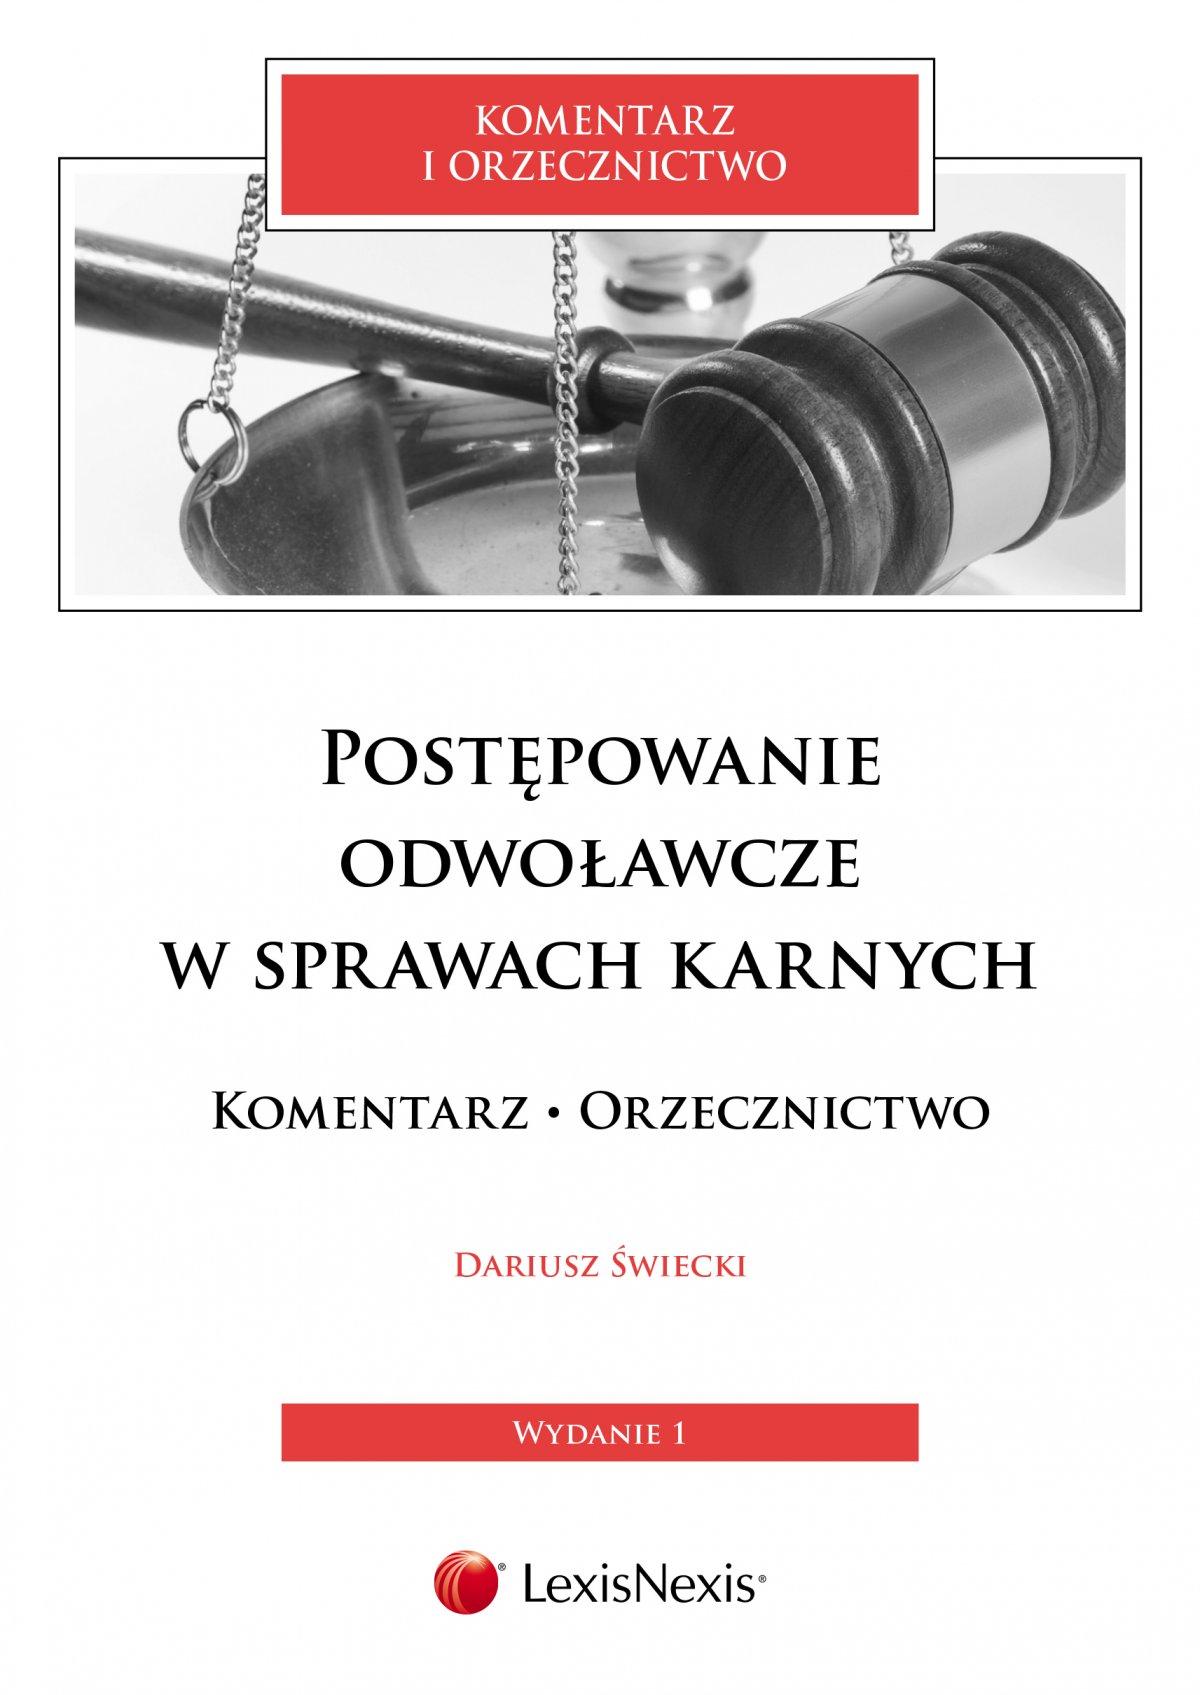 Postępowanie odwoławcze w sprawach karnych. Komentarz. Orzecznictwo - Ebook (Książka EPUB) do pobrania w formacie EPUB